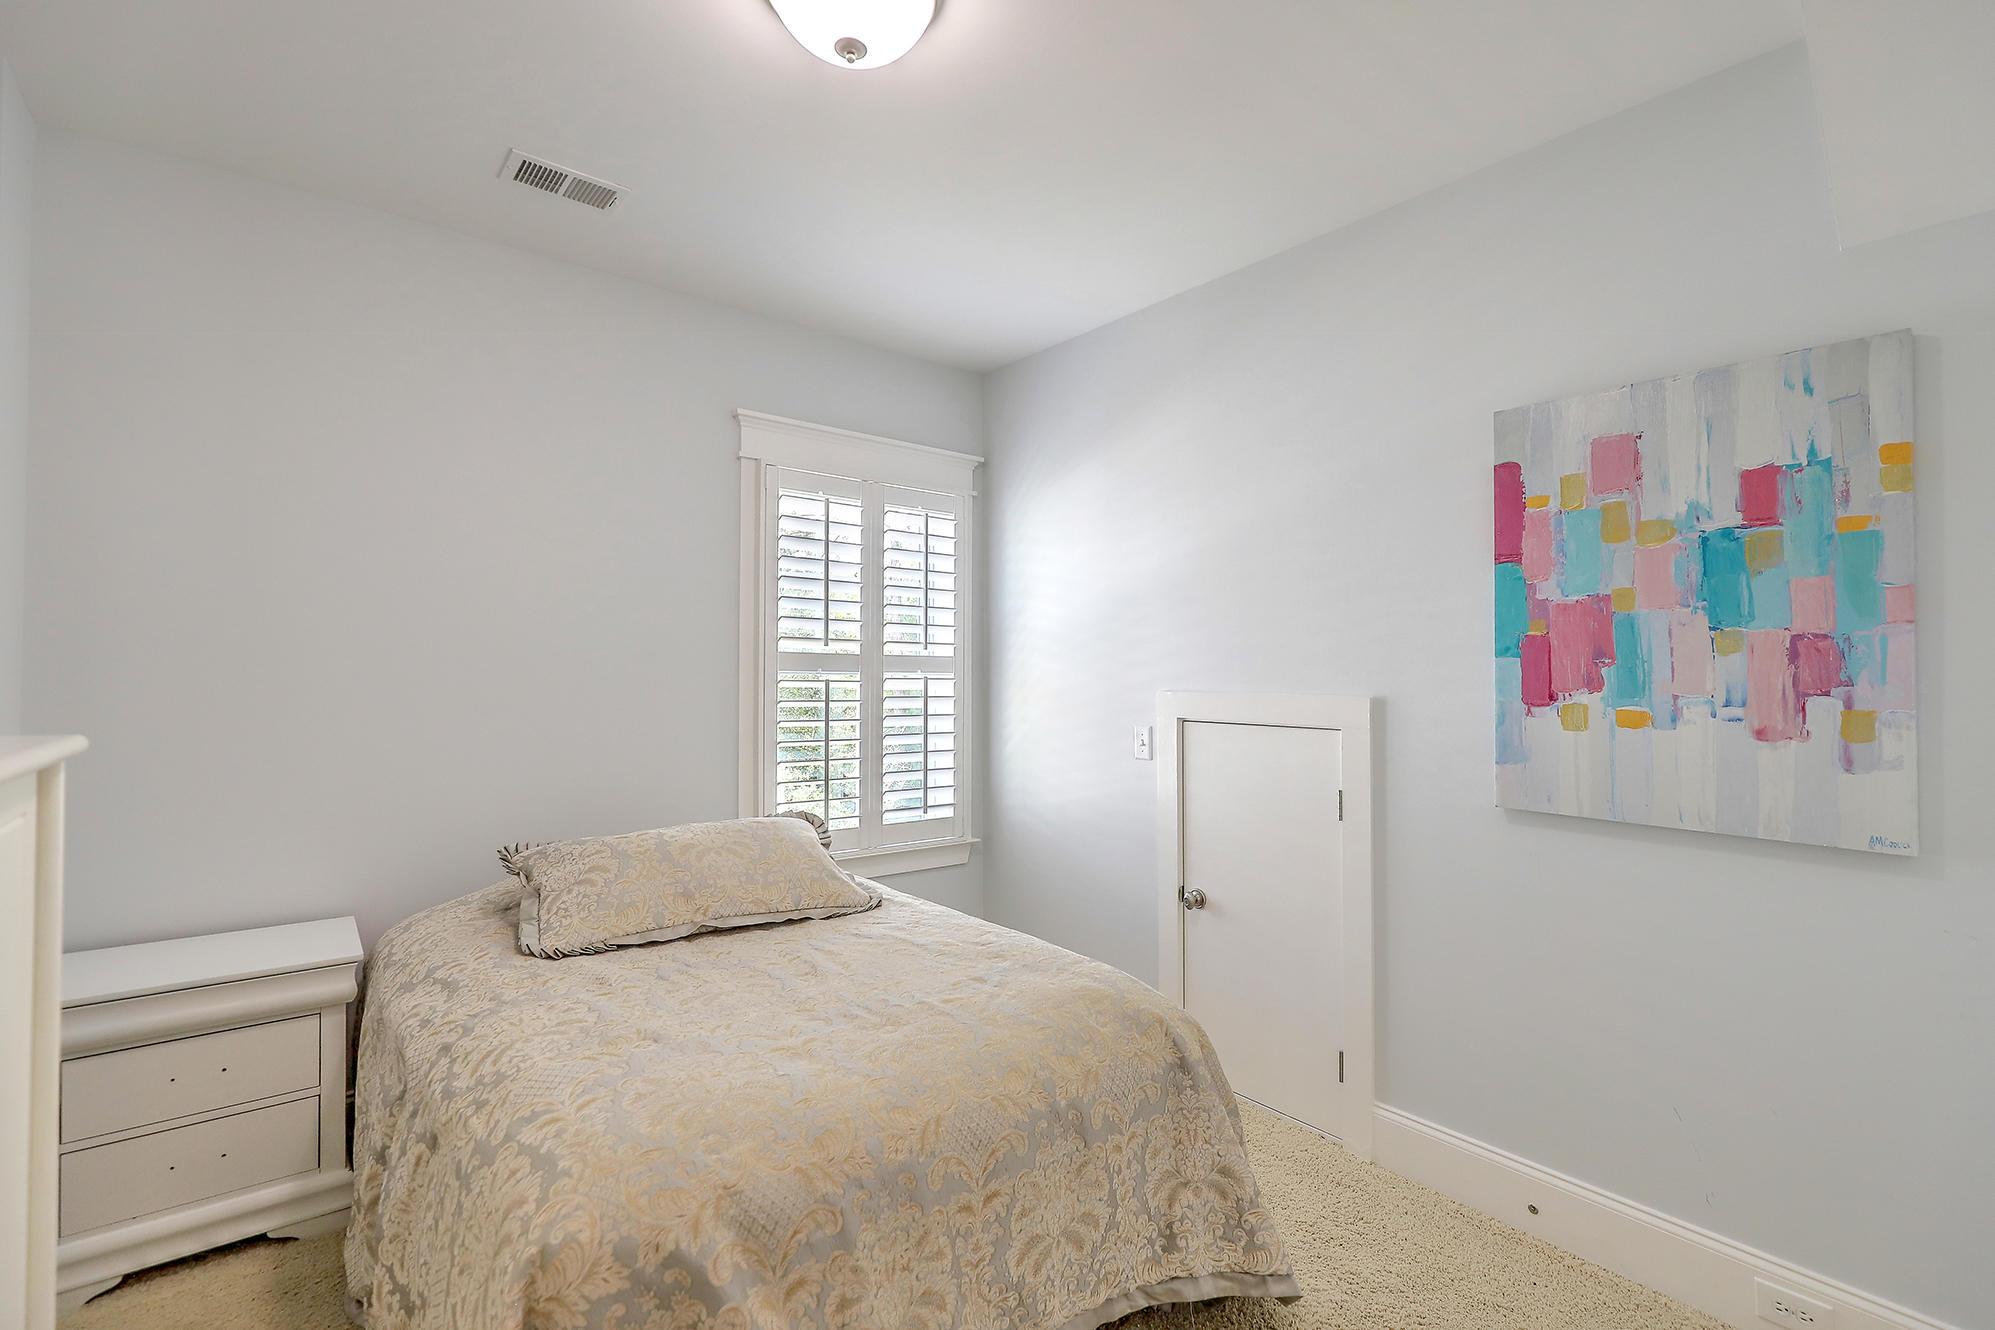 Park West Homes For Sale - 1516 Capel, Mount Pleasant, SC - 15